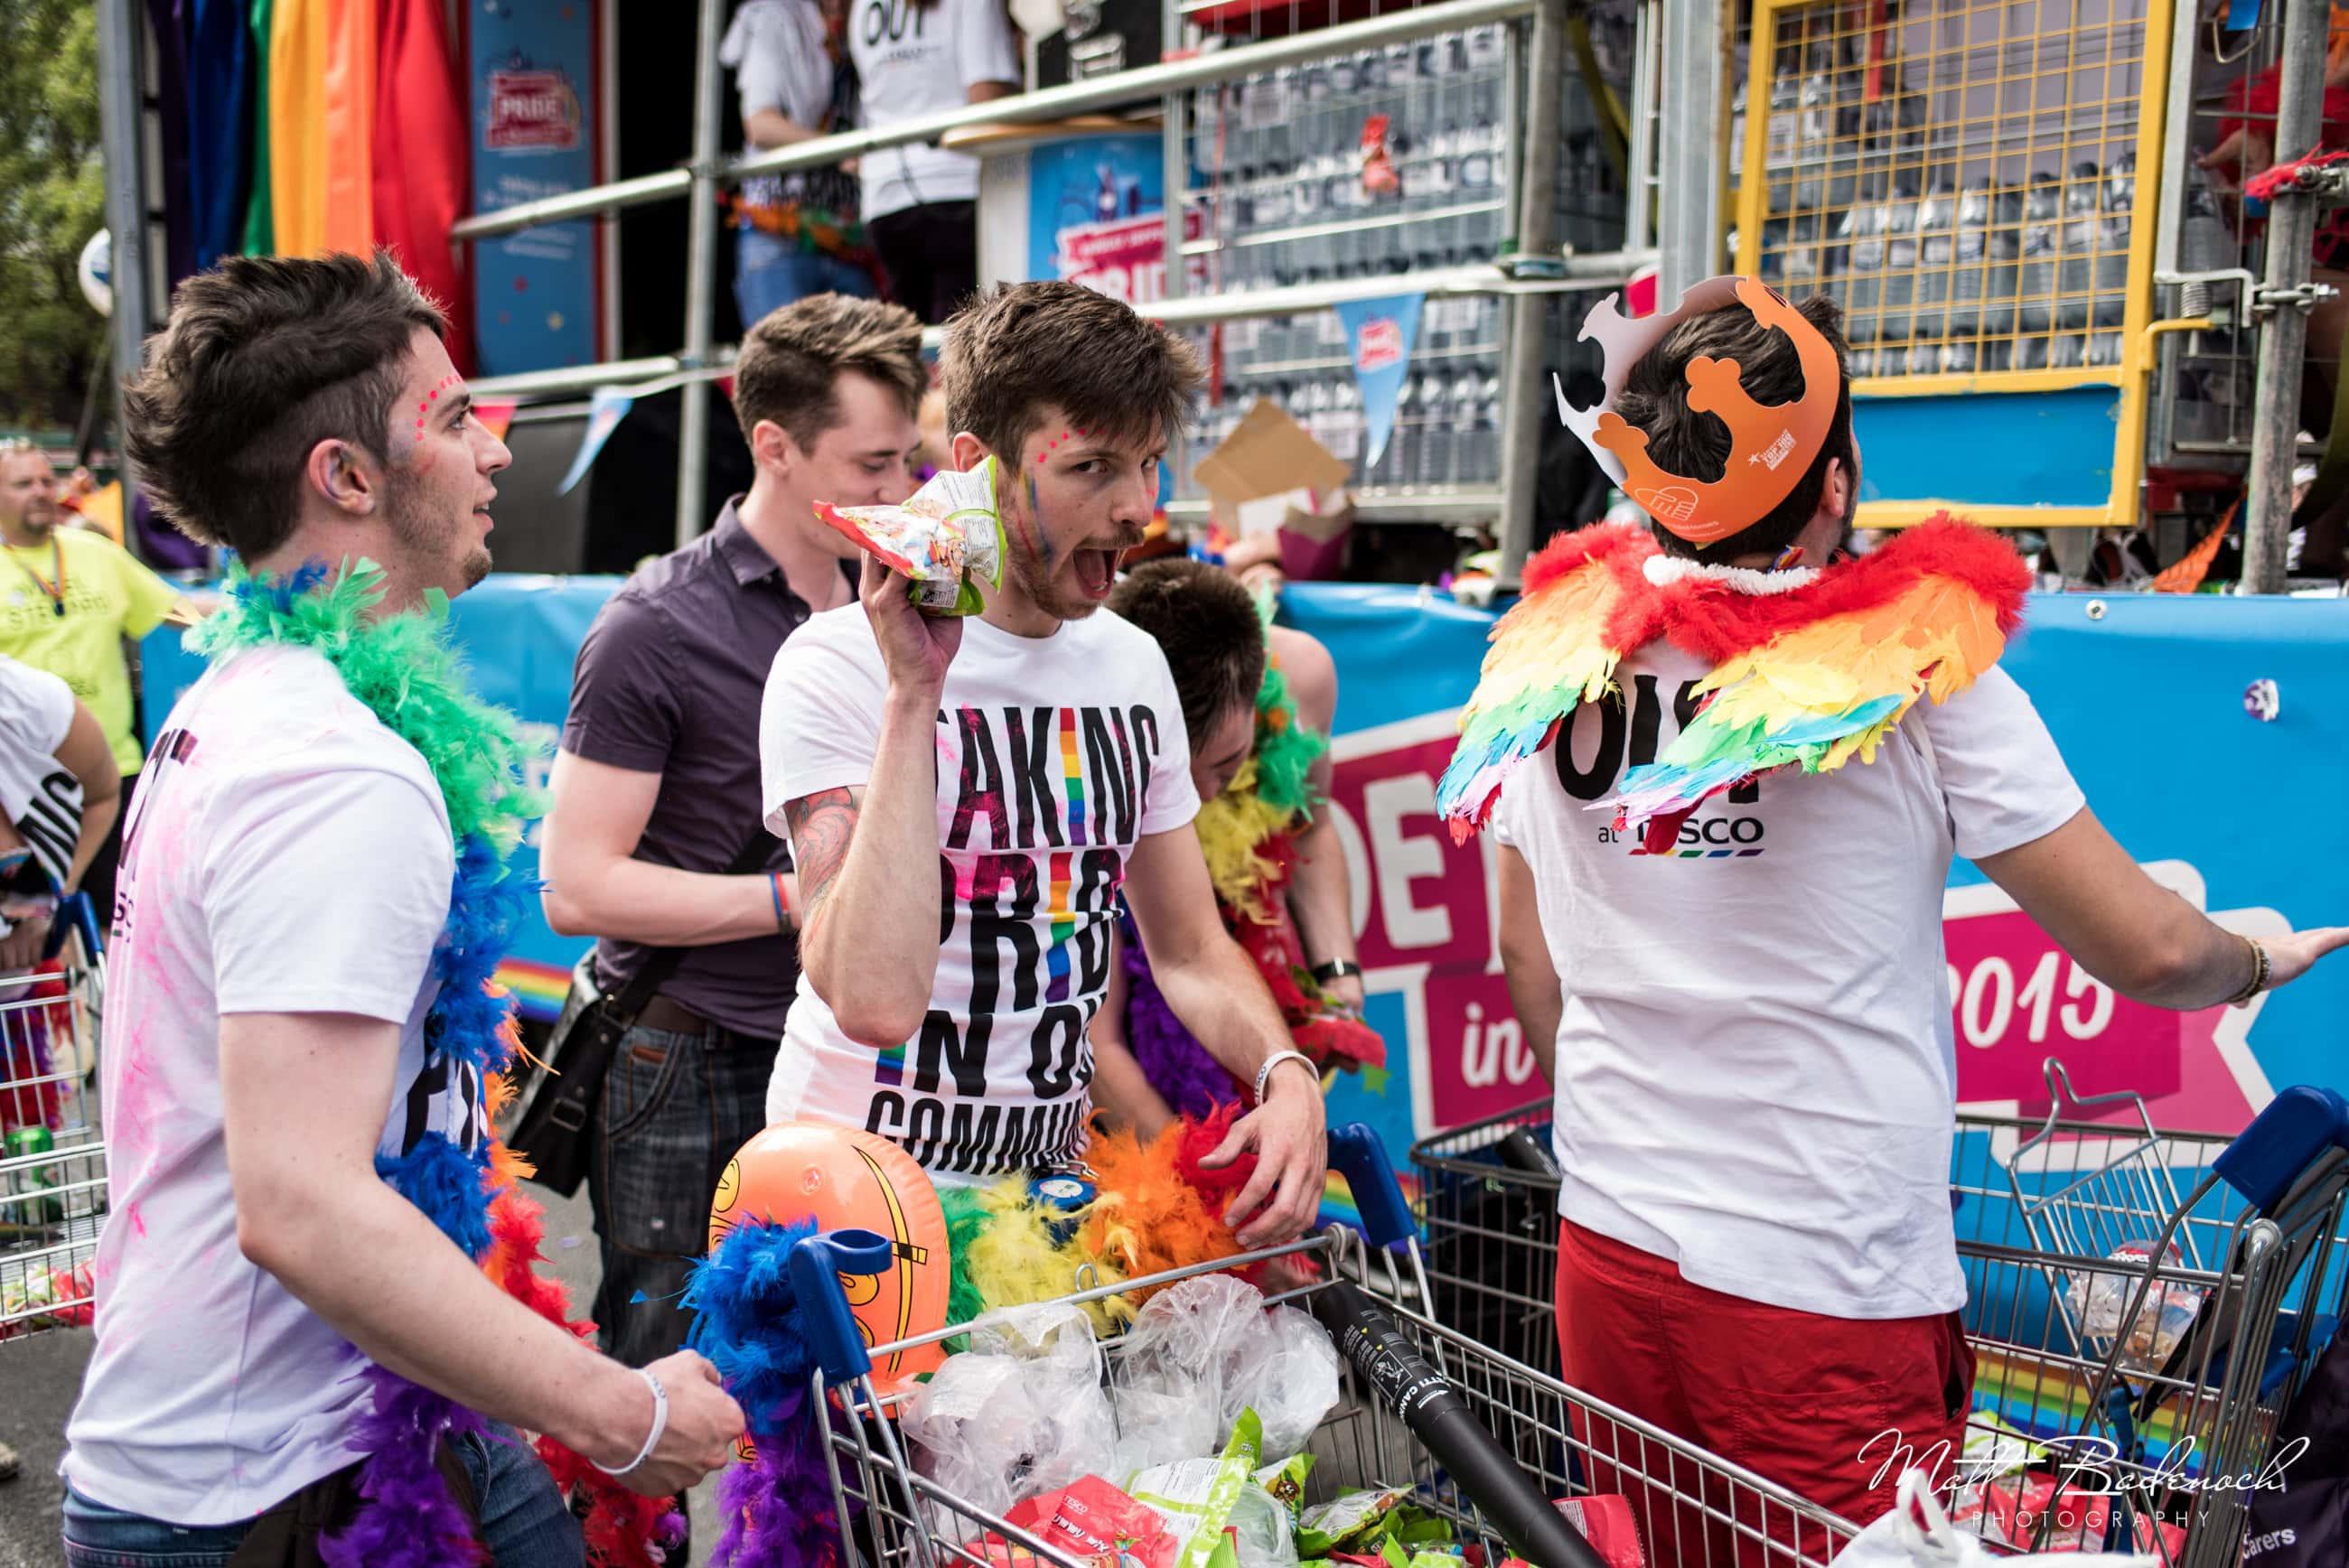 Tesco, London Pride Parade 2015 Photos